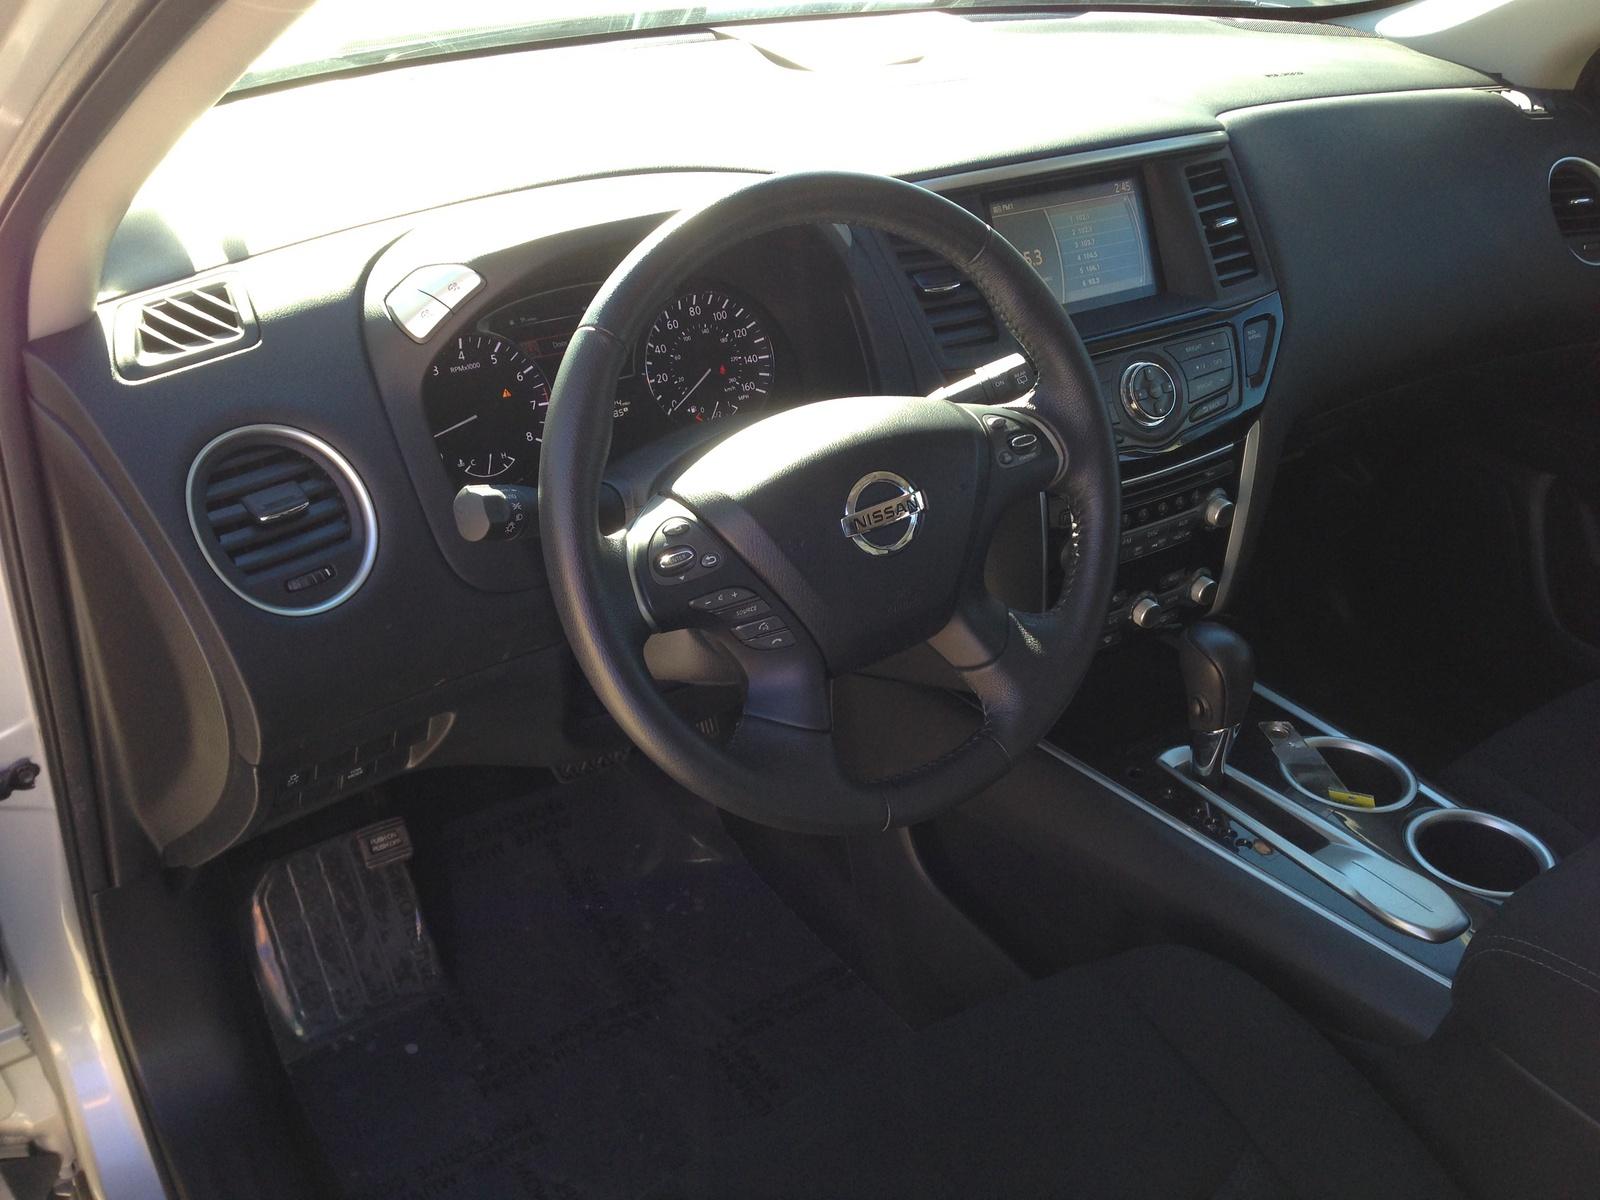 2013 Nissan Pathfinder Interior Pictures Cargurus